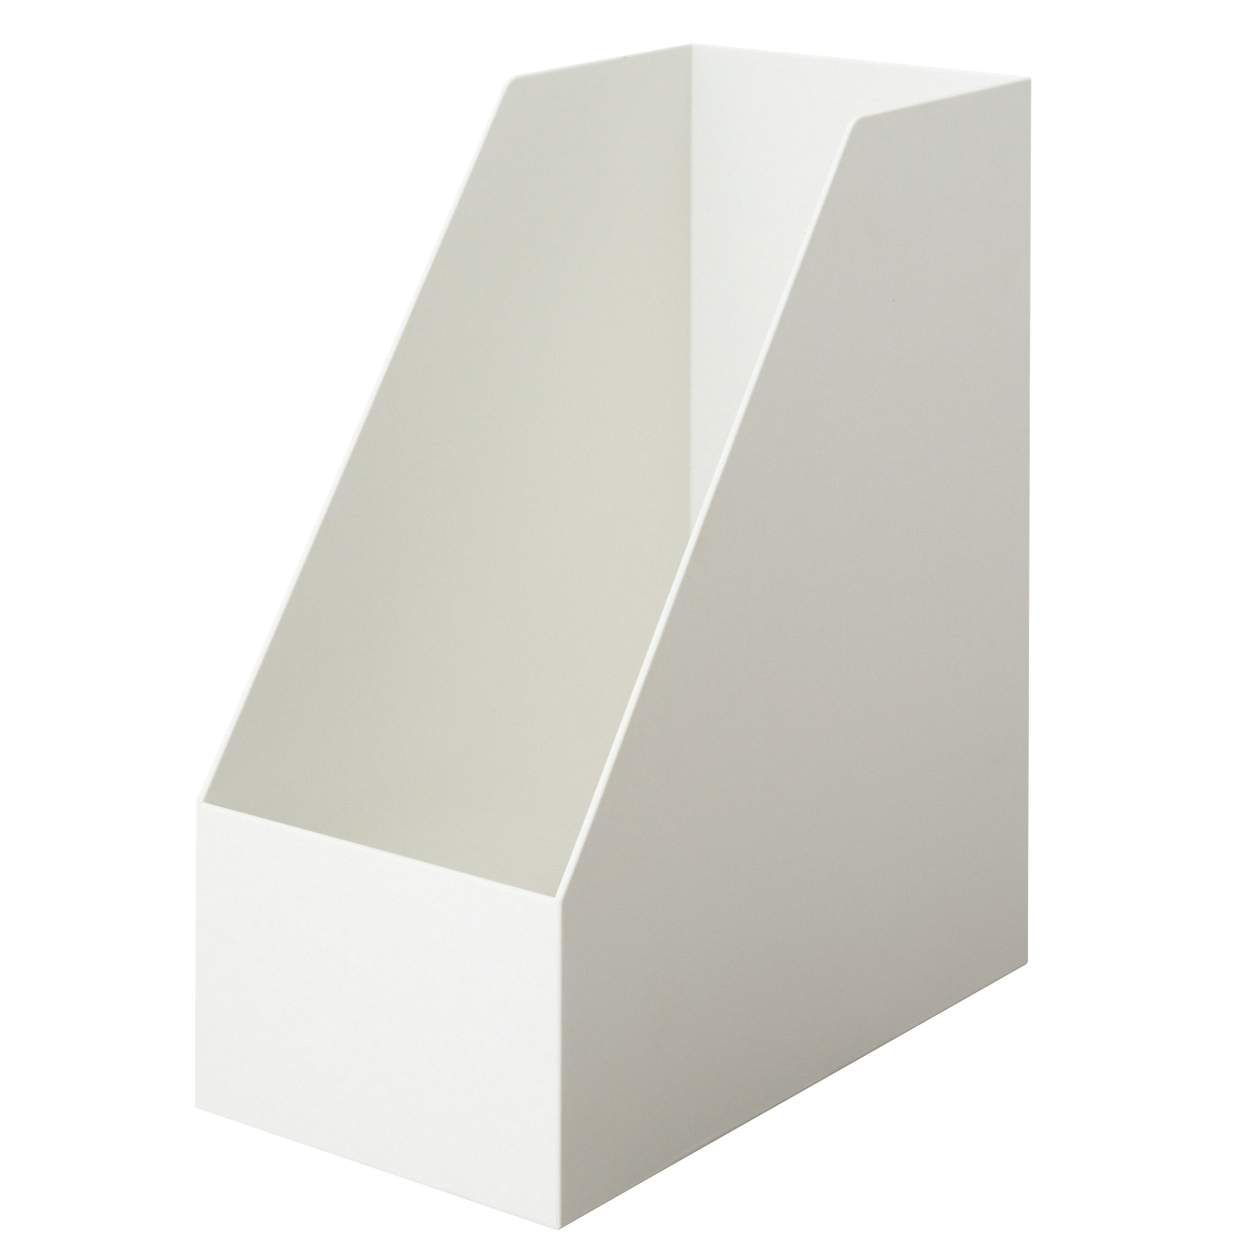 【まとめ買い】PPスタンドファイルボックス・ワイド・A4用・ホワイトグレー